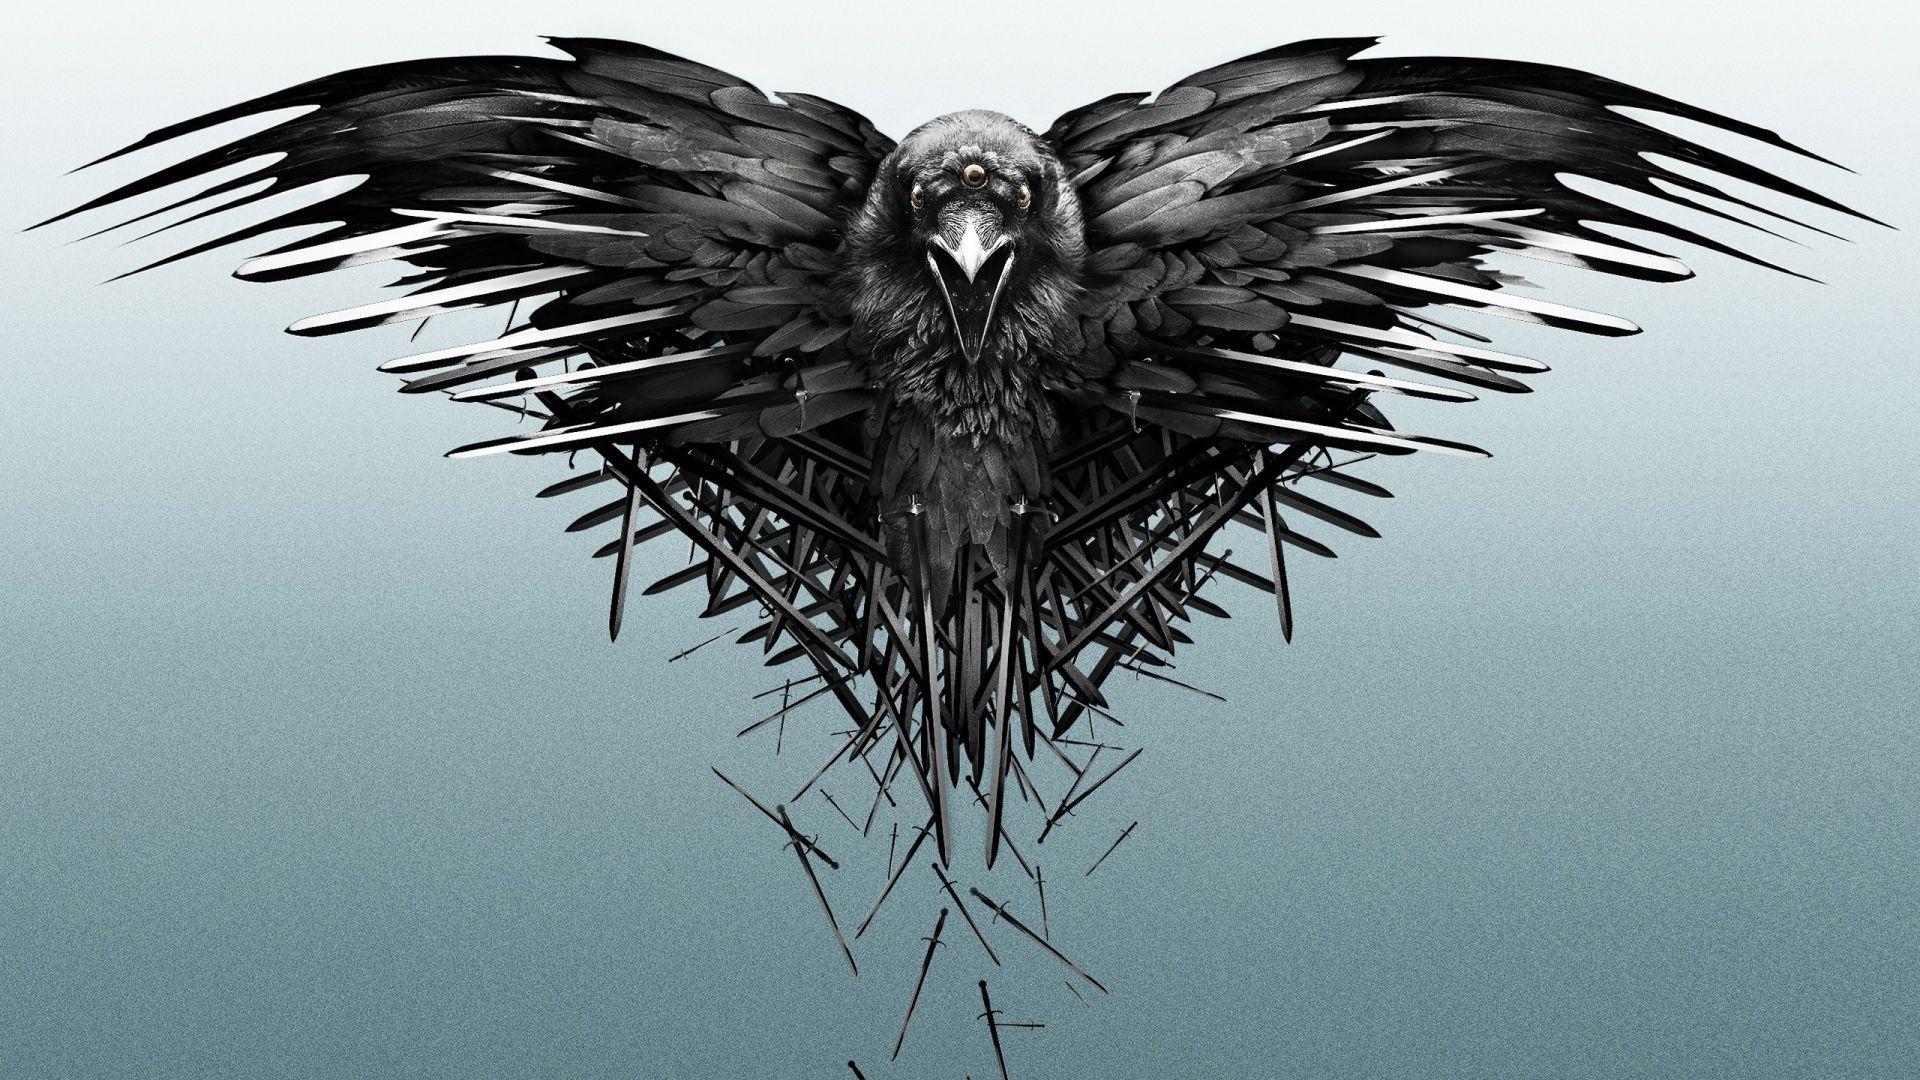 Tv Show Game Of Thrones Crow Raven Bird Wallpaper Game Of Thrones Free Raven Tattoo Game Of Thrones